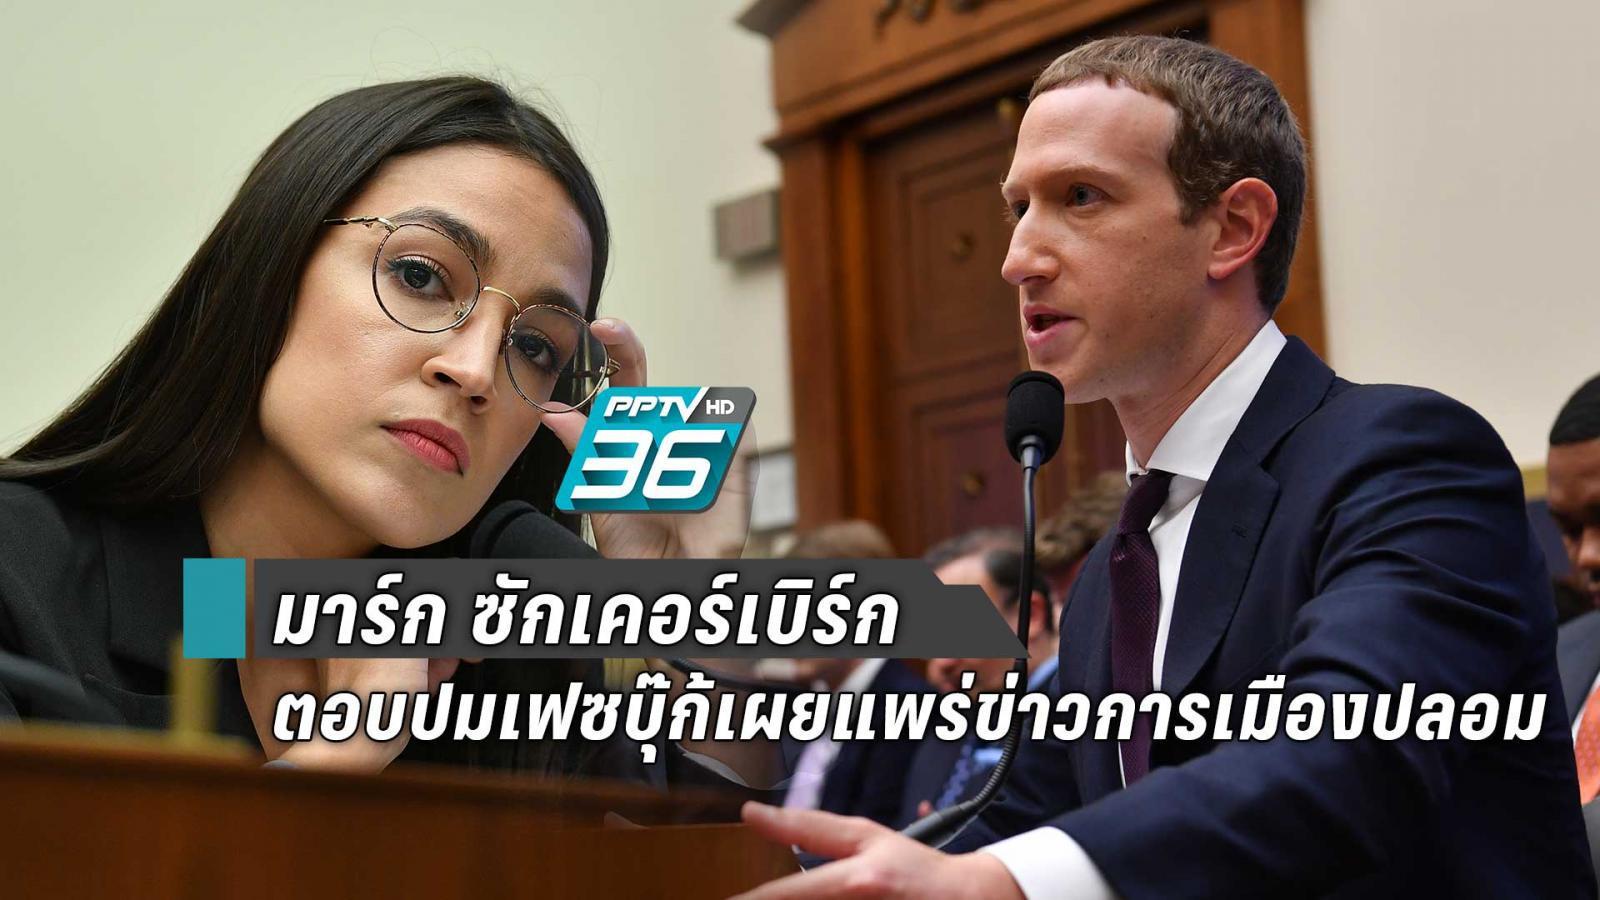 มาร์ก ซักเกอร์เบิร์ก ตอบปมเฟซบุ๊กถูกใช้เผยแพร่ข่าวการเมืองปลอม